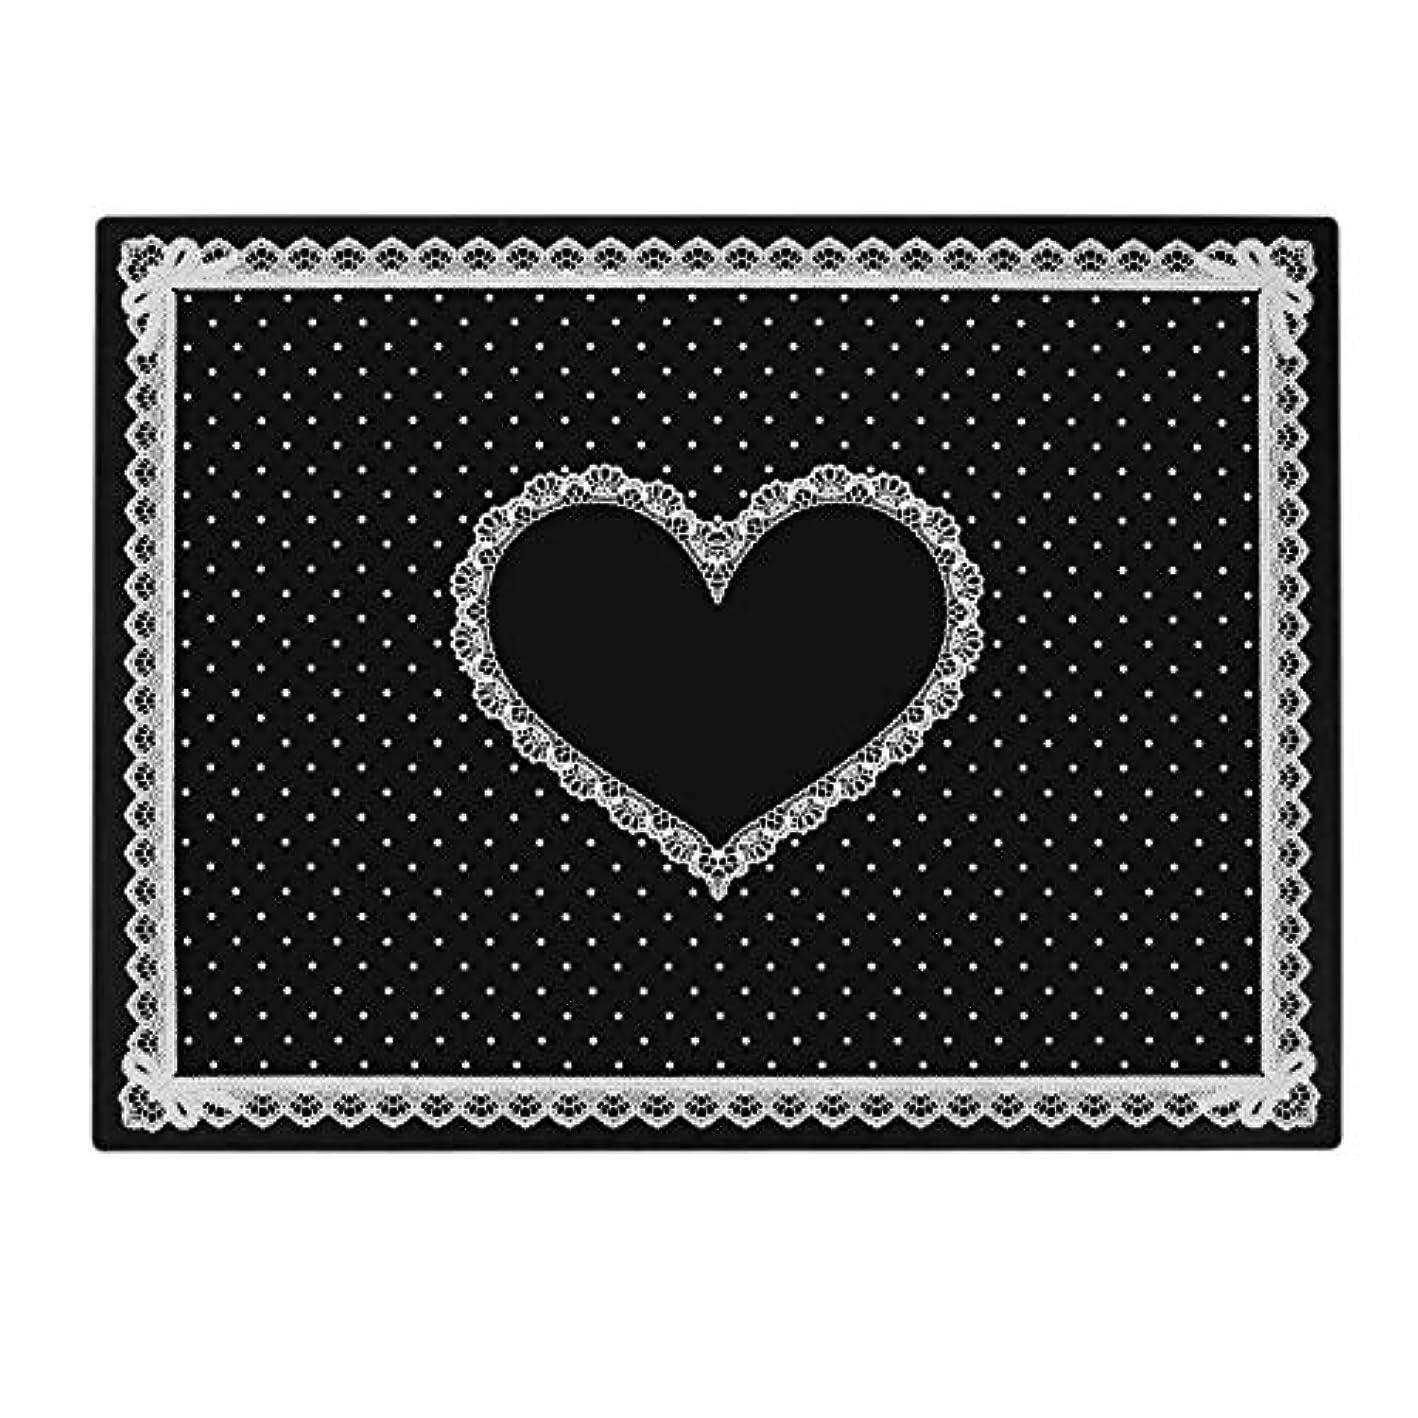 蒸留厚さ強います5色高品質の快適なシリコンハンドレストクッション枕-ネイルアートテーブルアーム手首パッドマニキュアサロン(14)